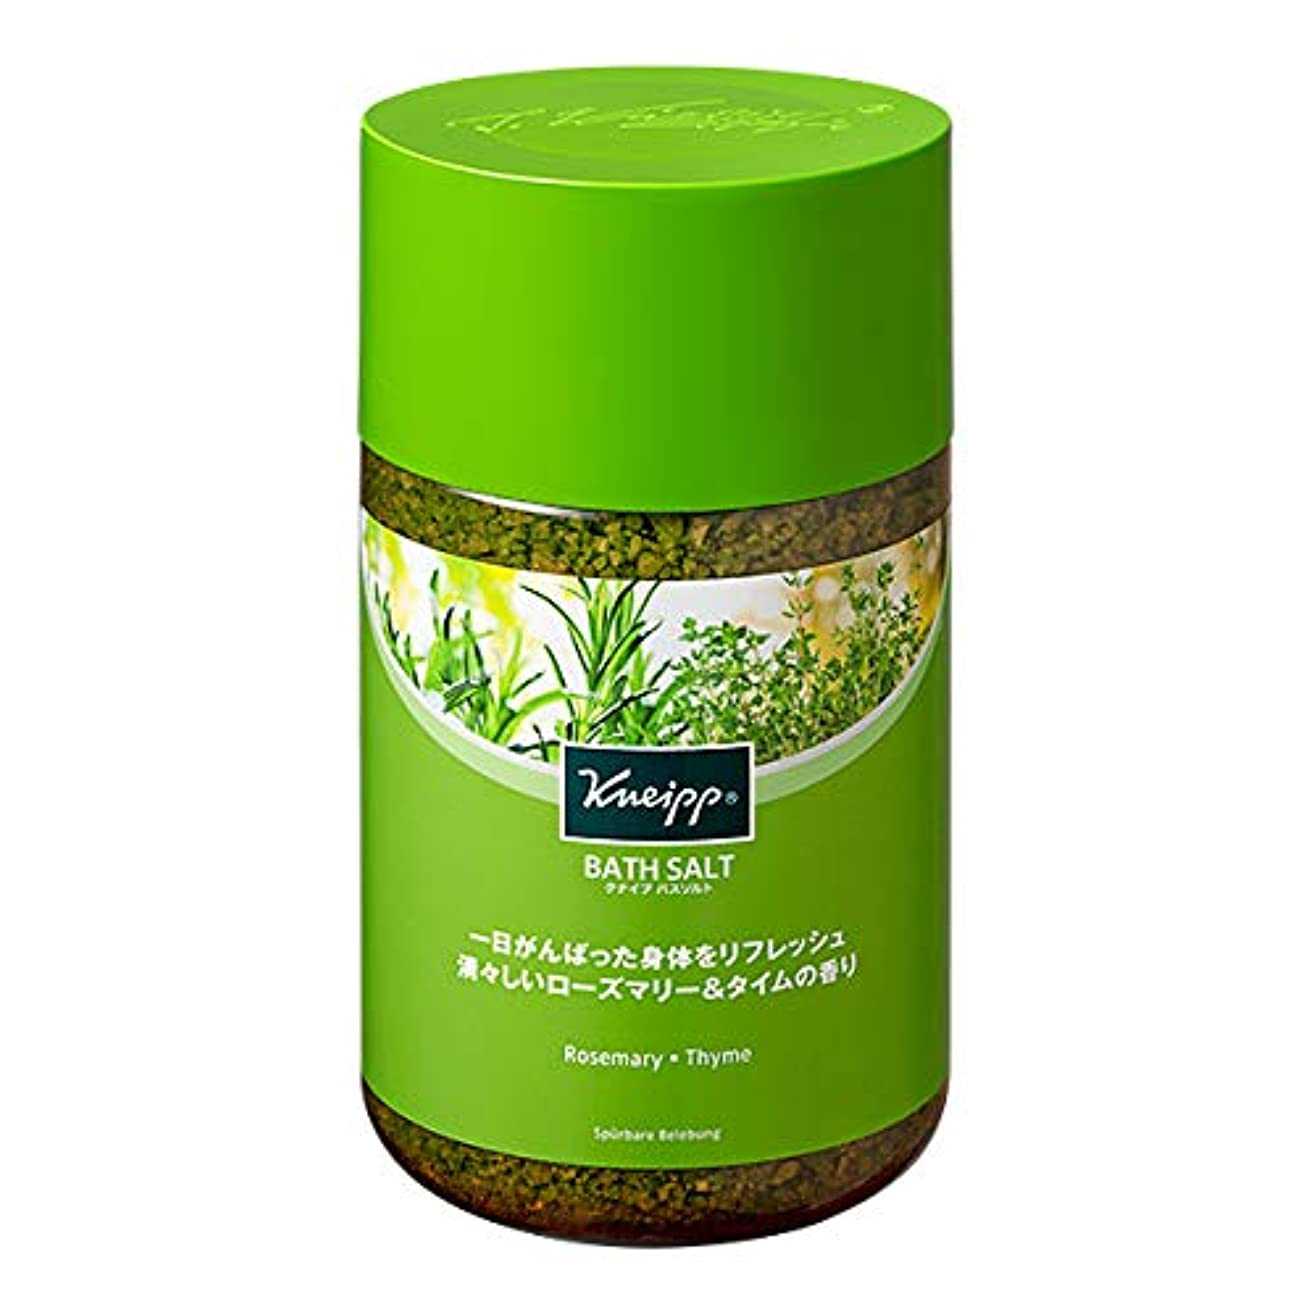 相対サイズ格差荒廃するクナイプ(Kneipp) クナイプ バスソルト ローズマリー&タイムの香り850g 入浴剤